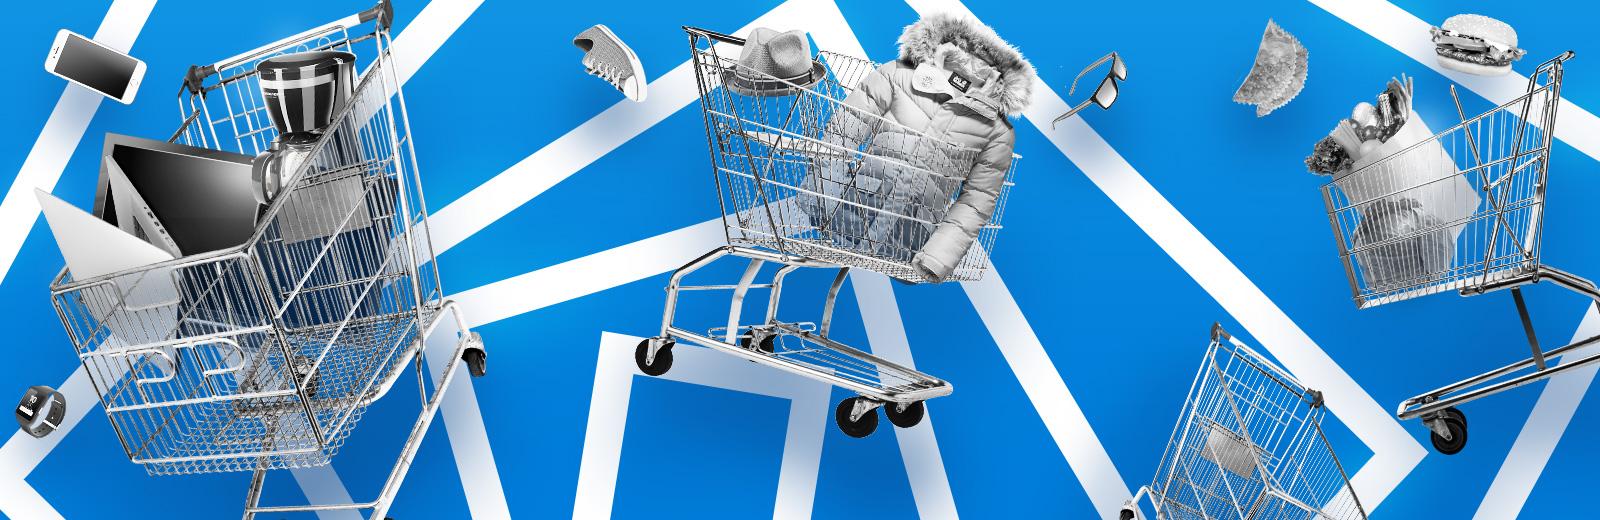 Аутсорсинг для интернет-магазинов: процессы, которые можно делегировать